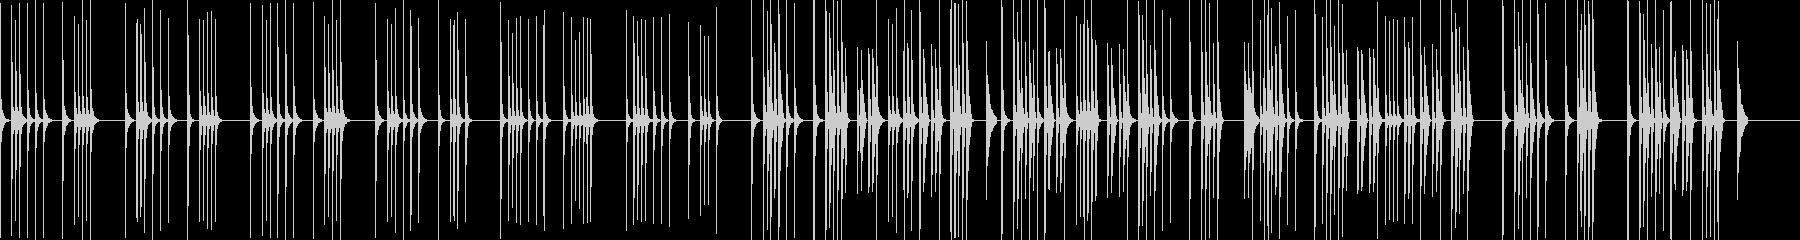 可愛い感じのゲーム配信系に合うBGMの未再生の波形